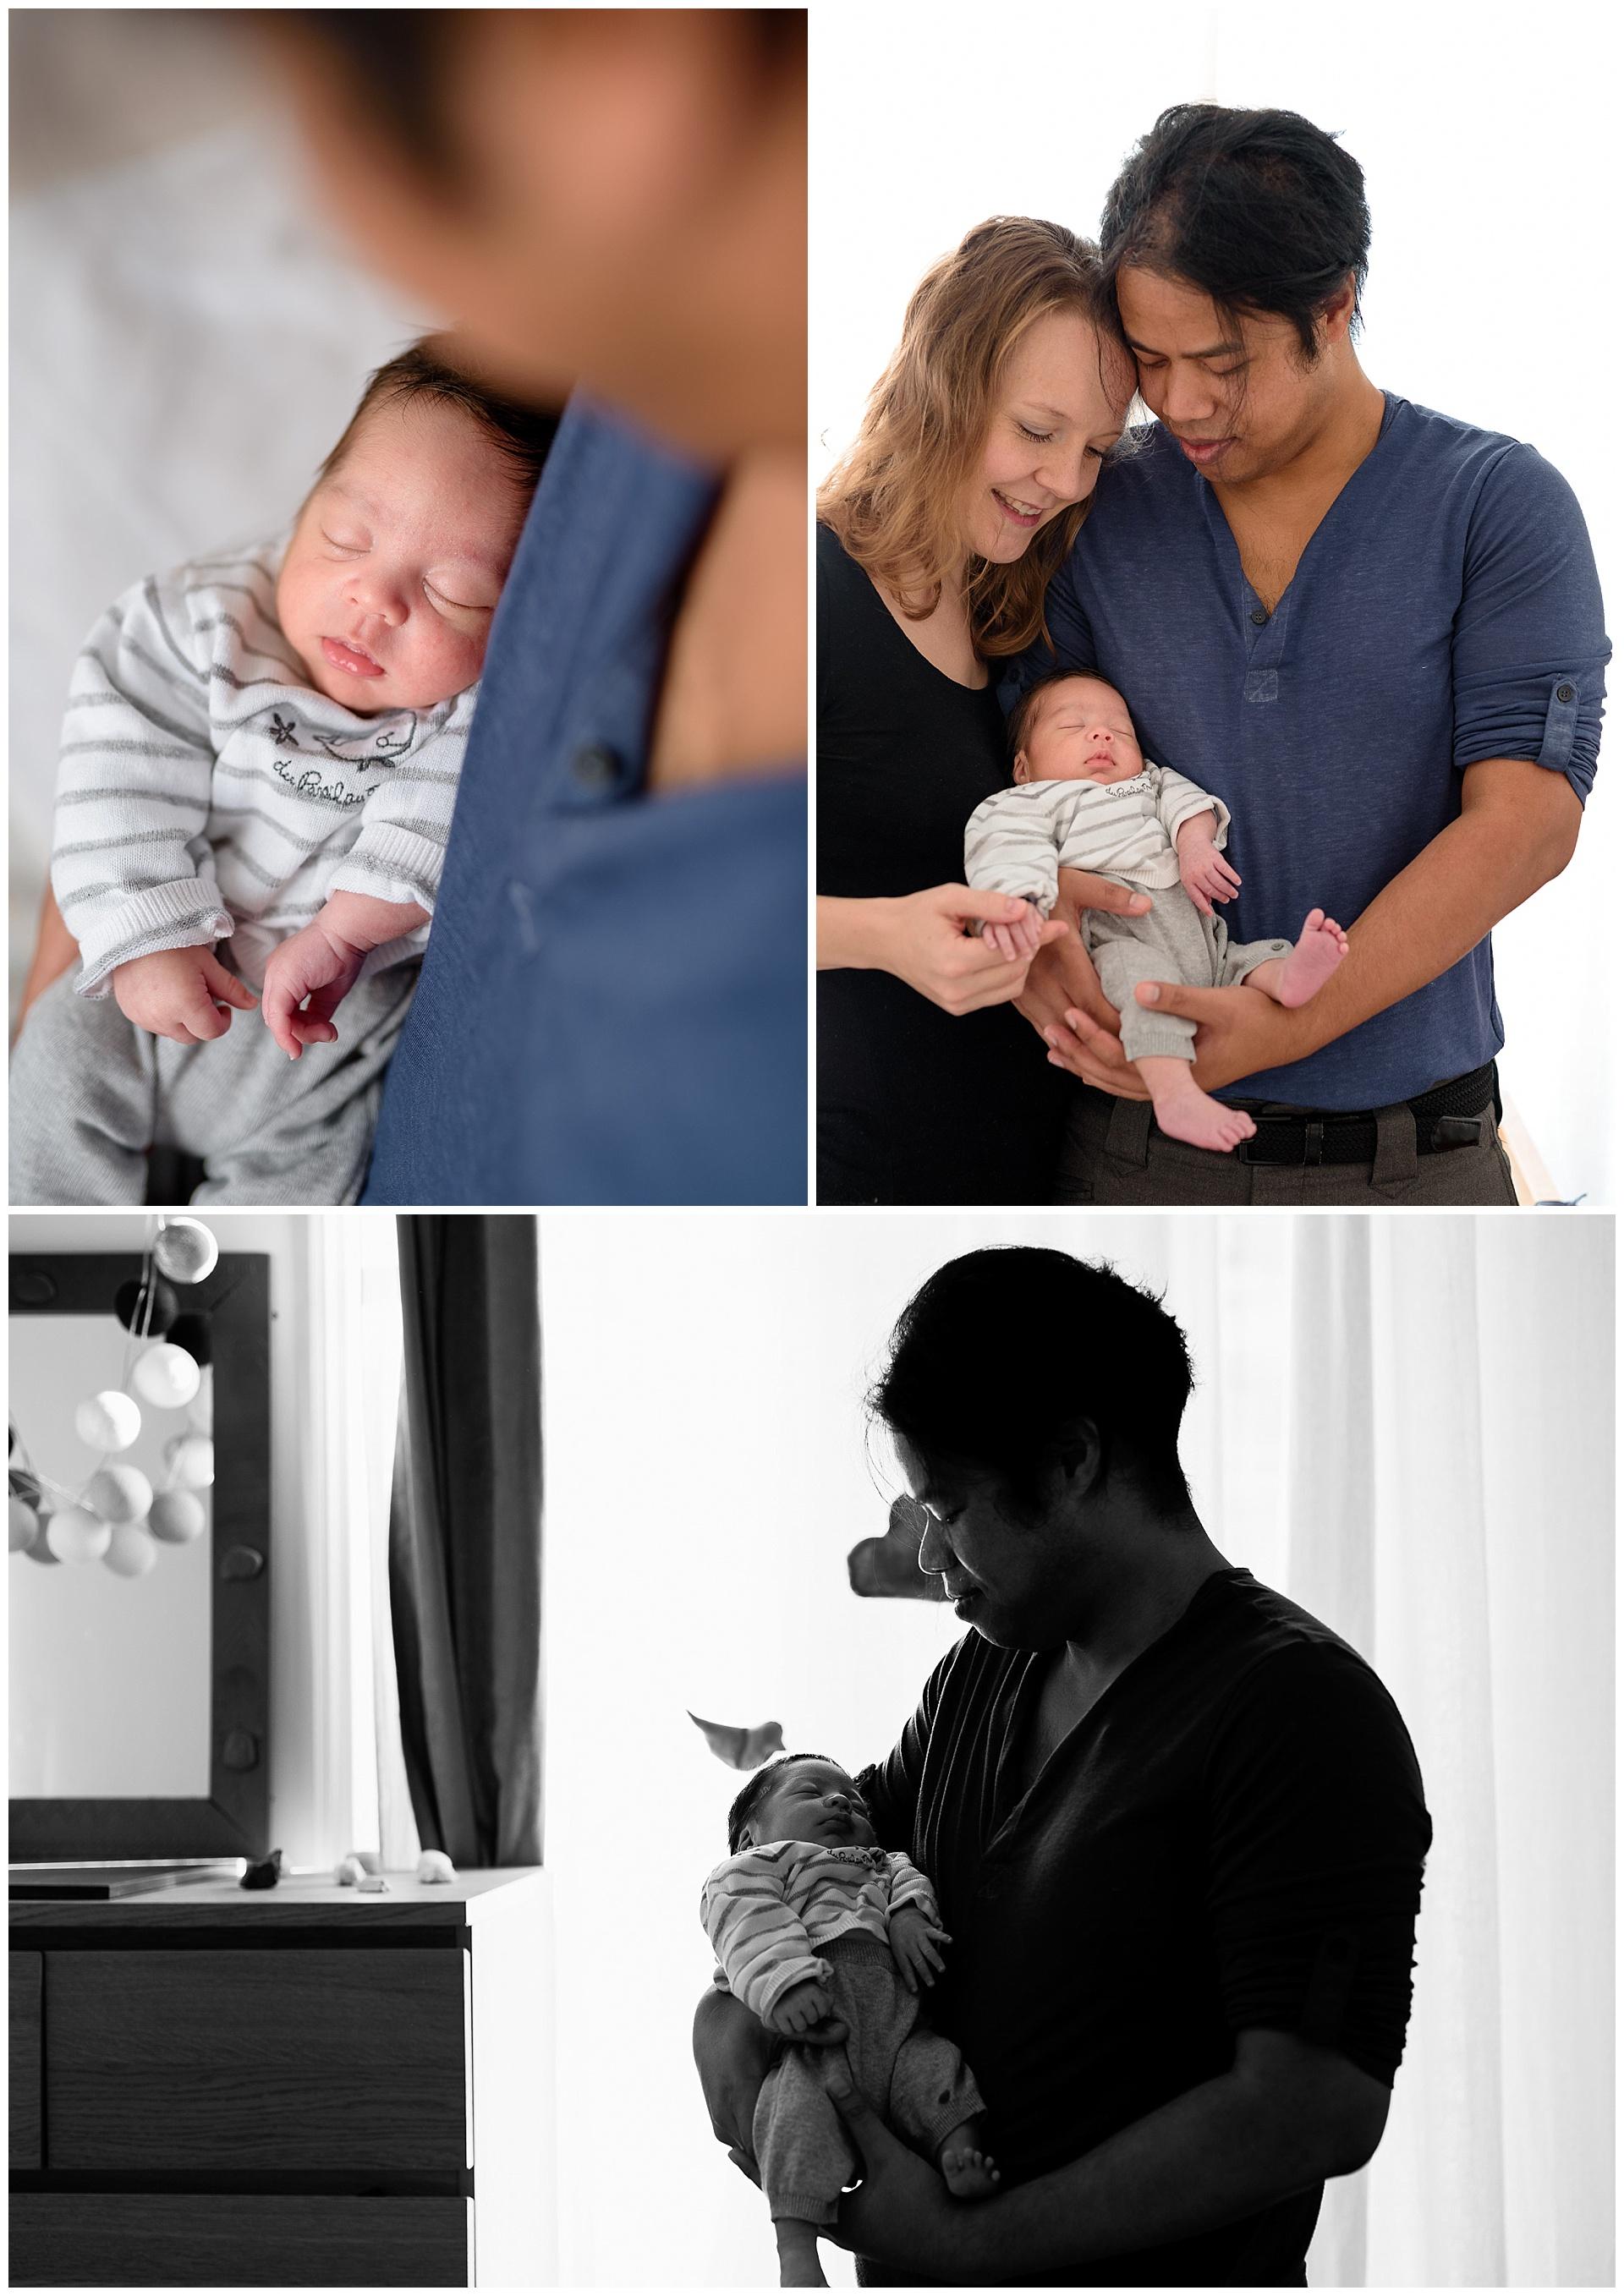 Séance photo naissance nouveau-né bébé hauts-de-seine Boulogne-Billancourt 92